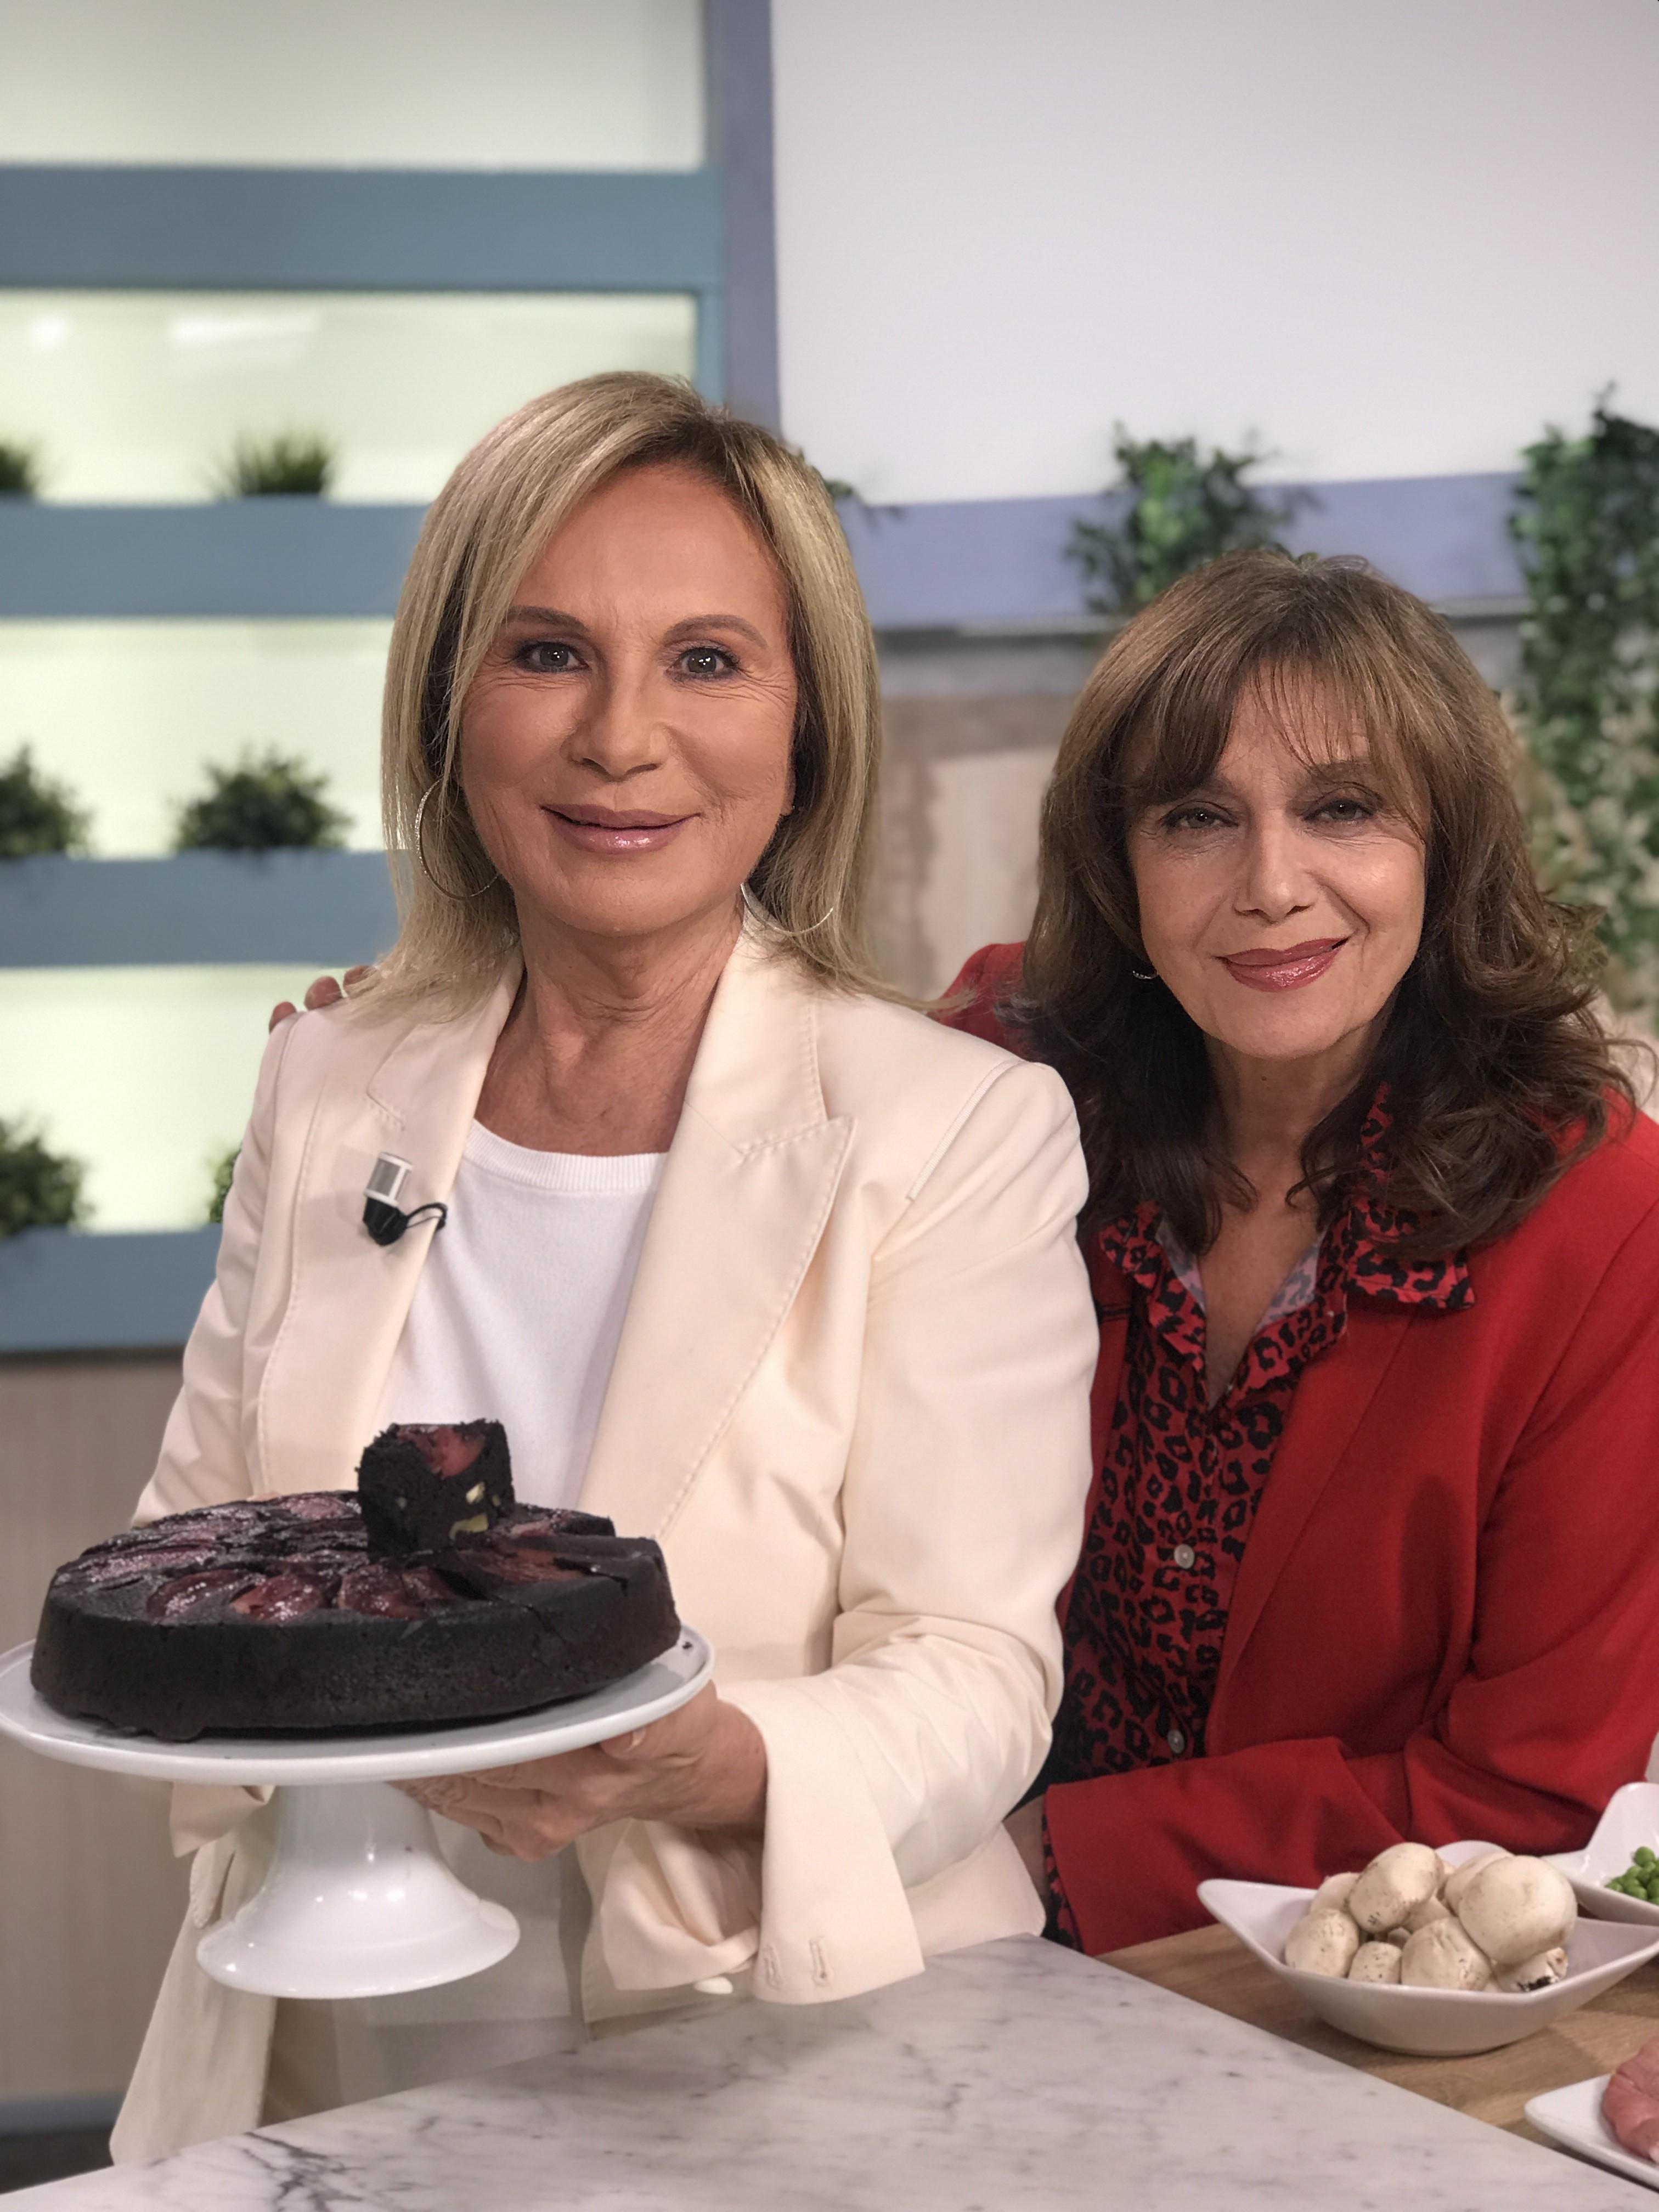 La Salute Dei Capelli Rosanna Lambertucci